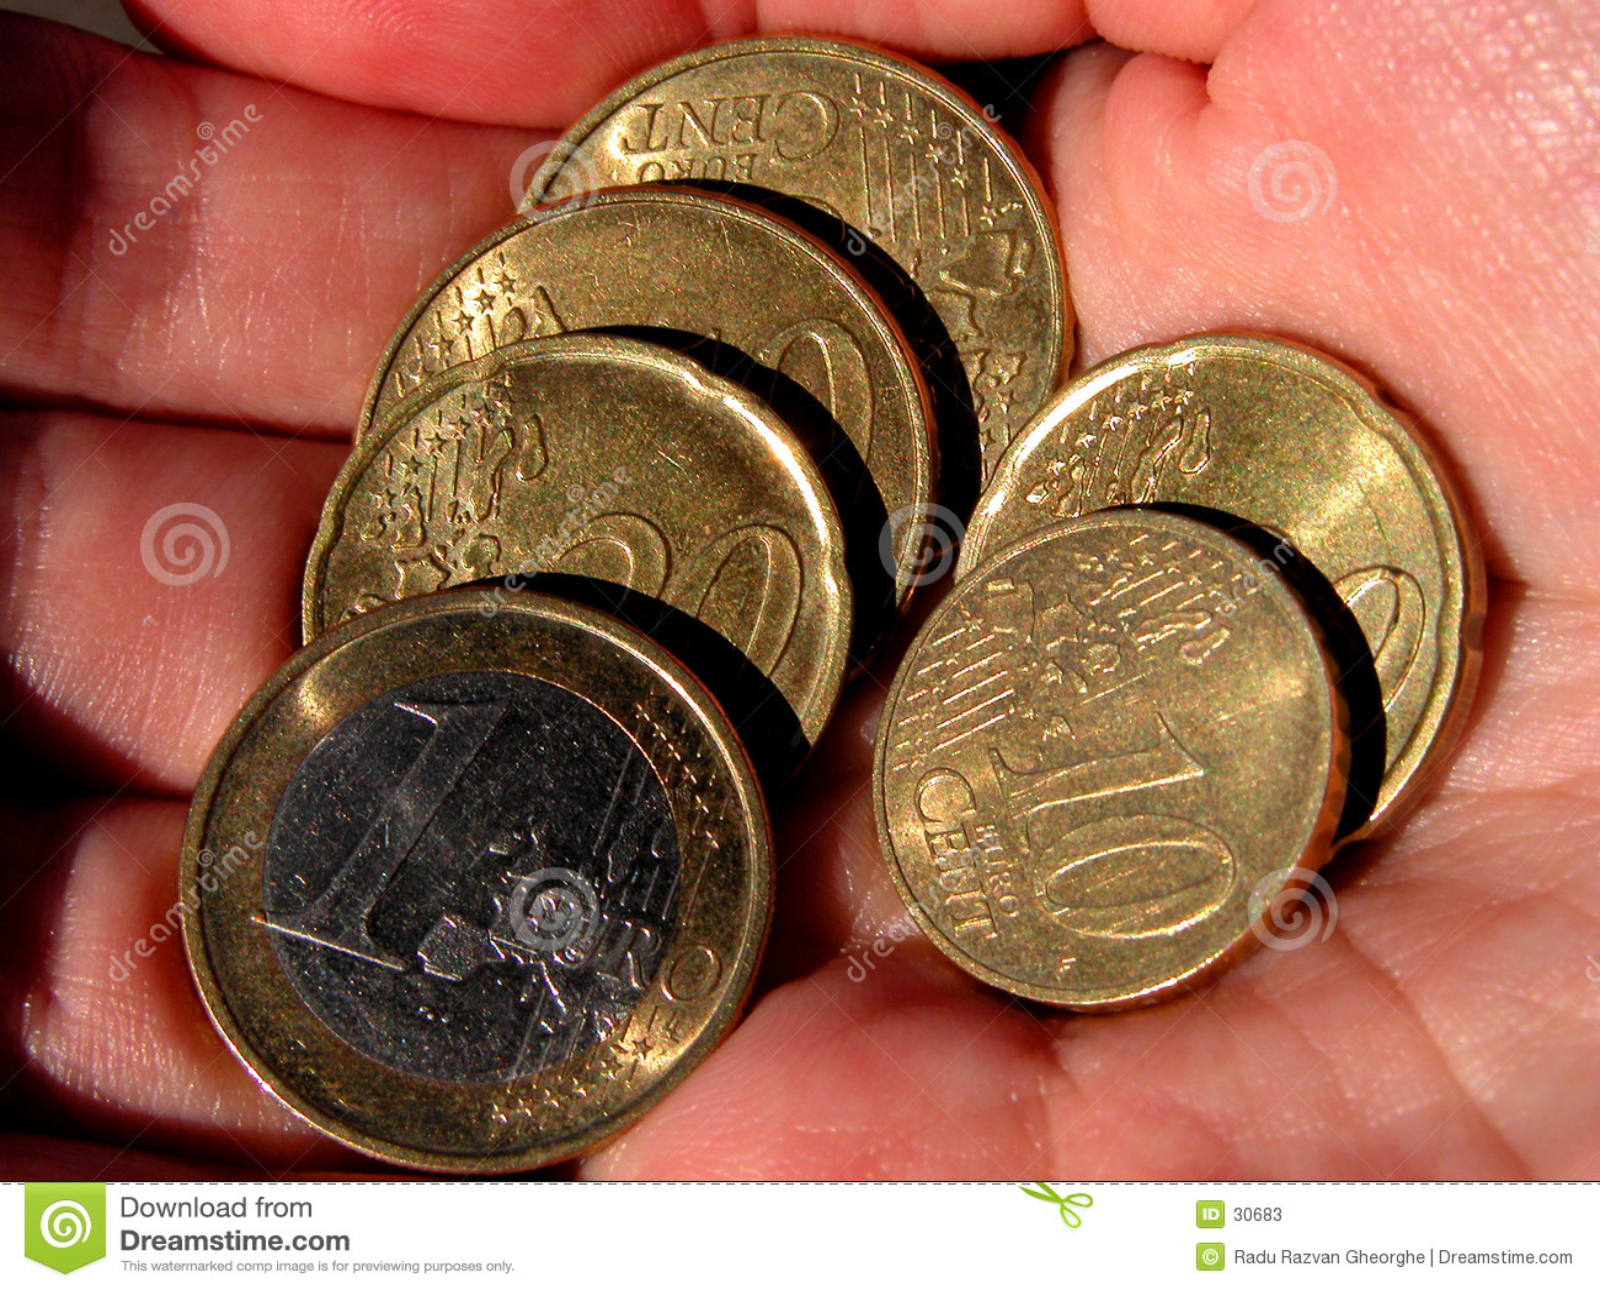 Eurocoinshand